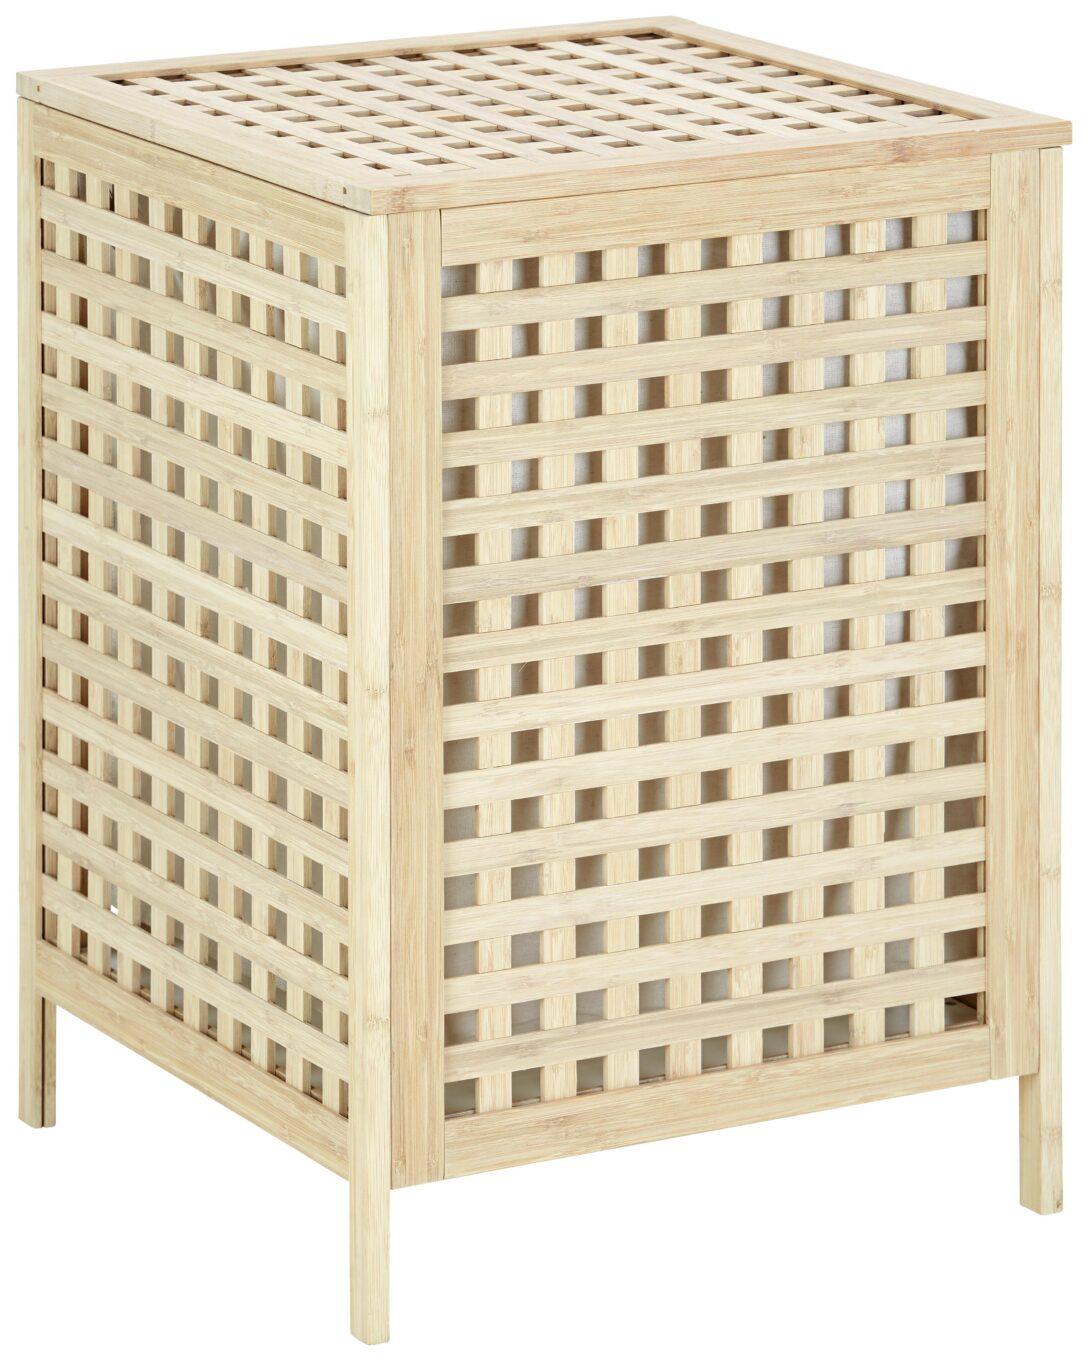 Large Size of Wäschekorb Kinderzimmer Wschekorb Aus Bambus Massiv Online Kaufen Mmax Regale Sofa Regal Weiß Kinderzimmer Wäschekorb Kinderzimmer